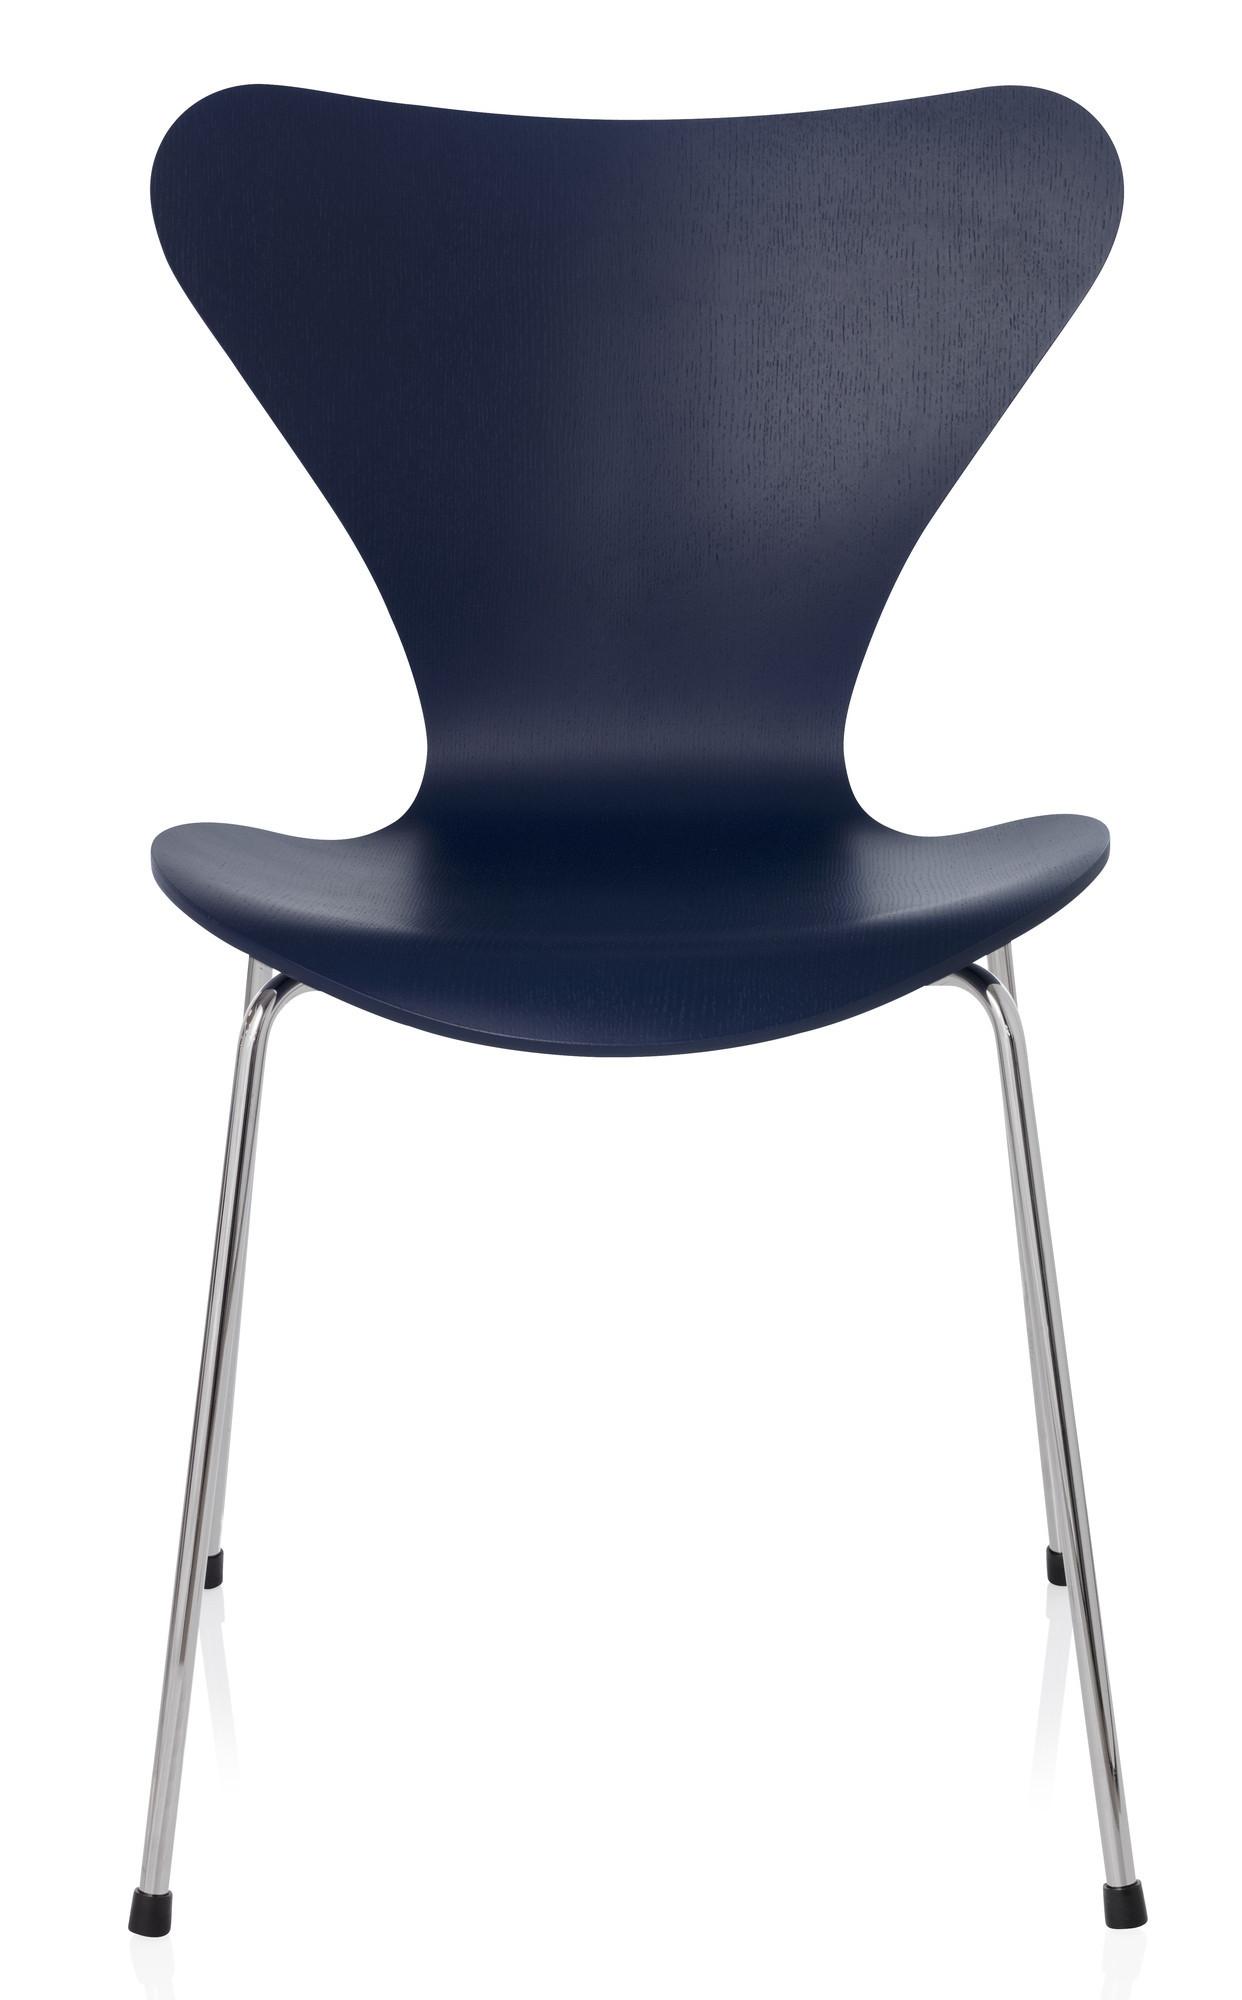 Feet / slides for 3107 Series 7 / ant chair Fritz Hansen